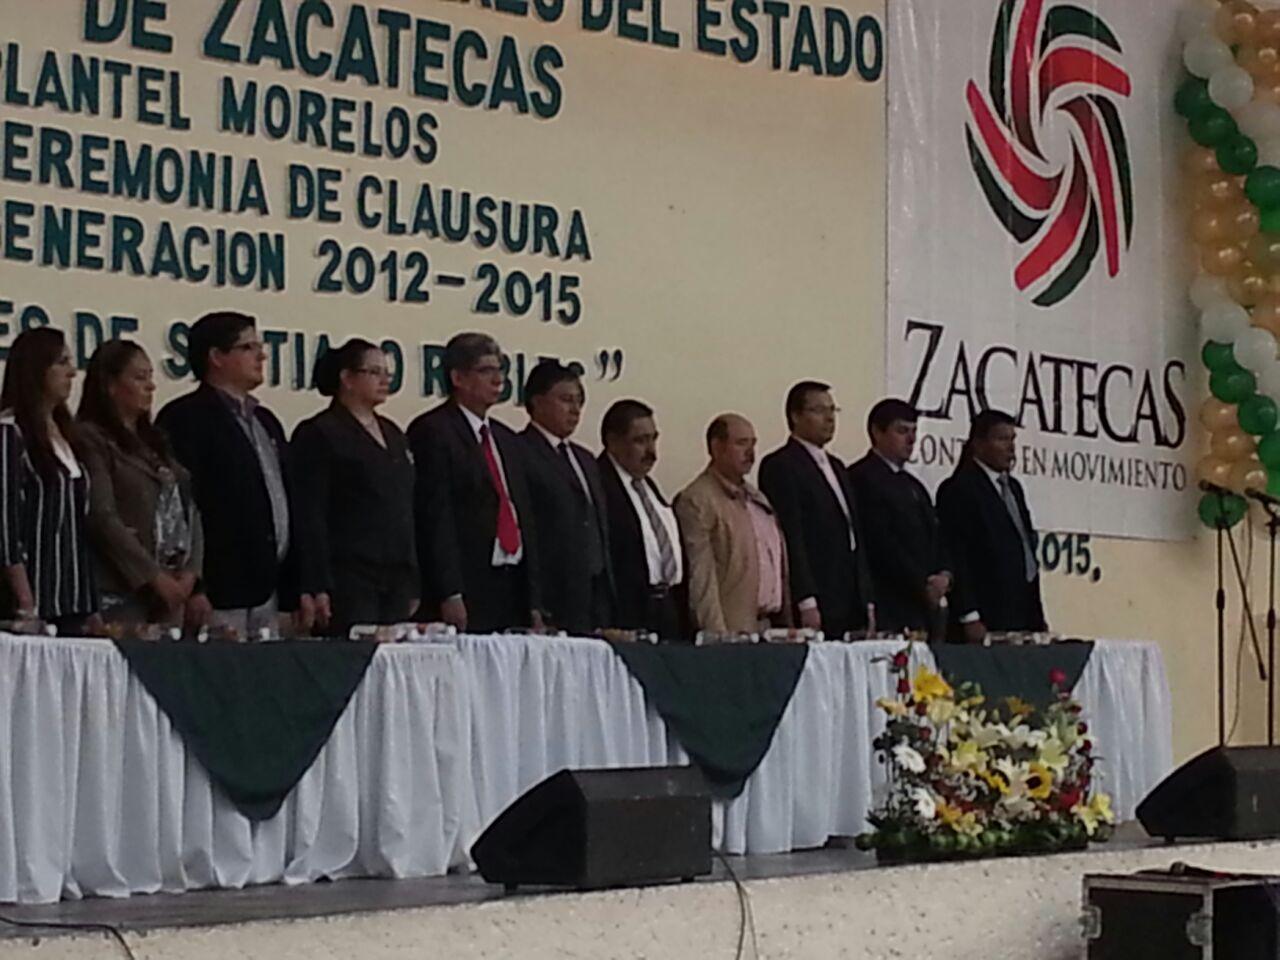 Nuestra Rectora  en Ceremonia de clausura del Colegio de Bachilleres Plantel Morelos